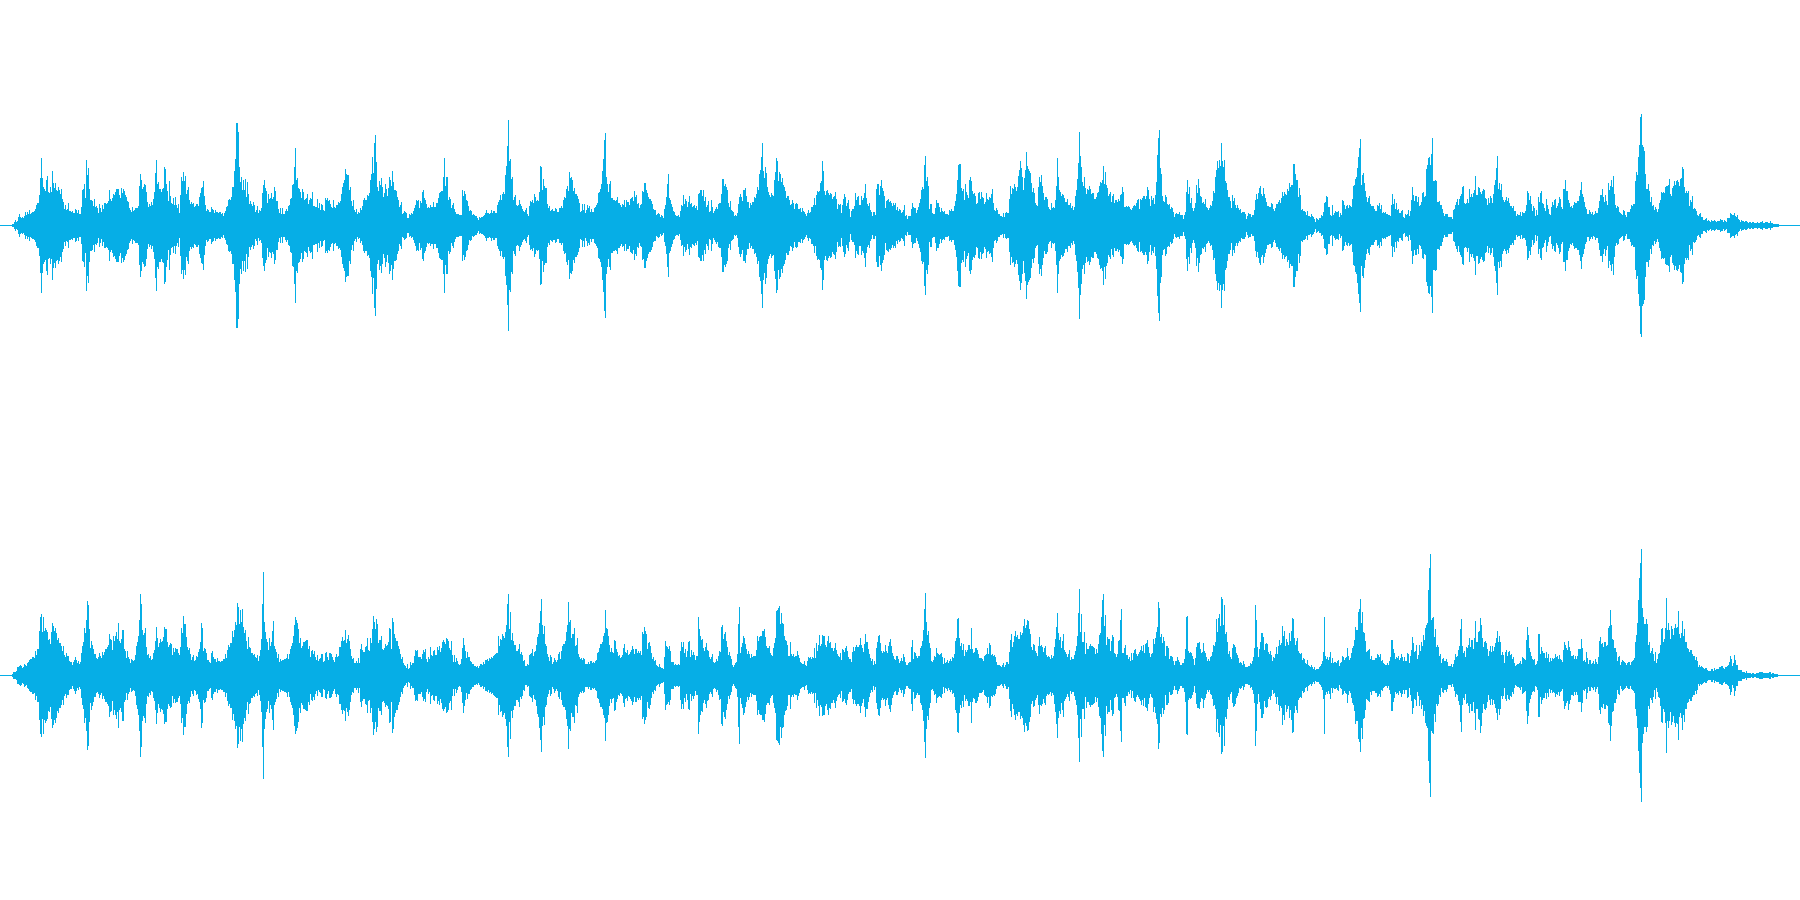 サスペンスaの再生済みの波形